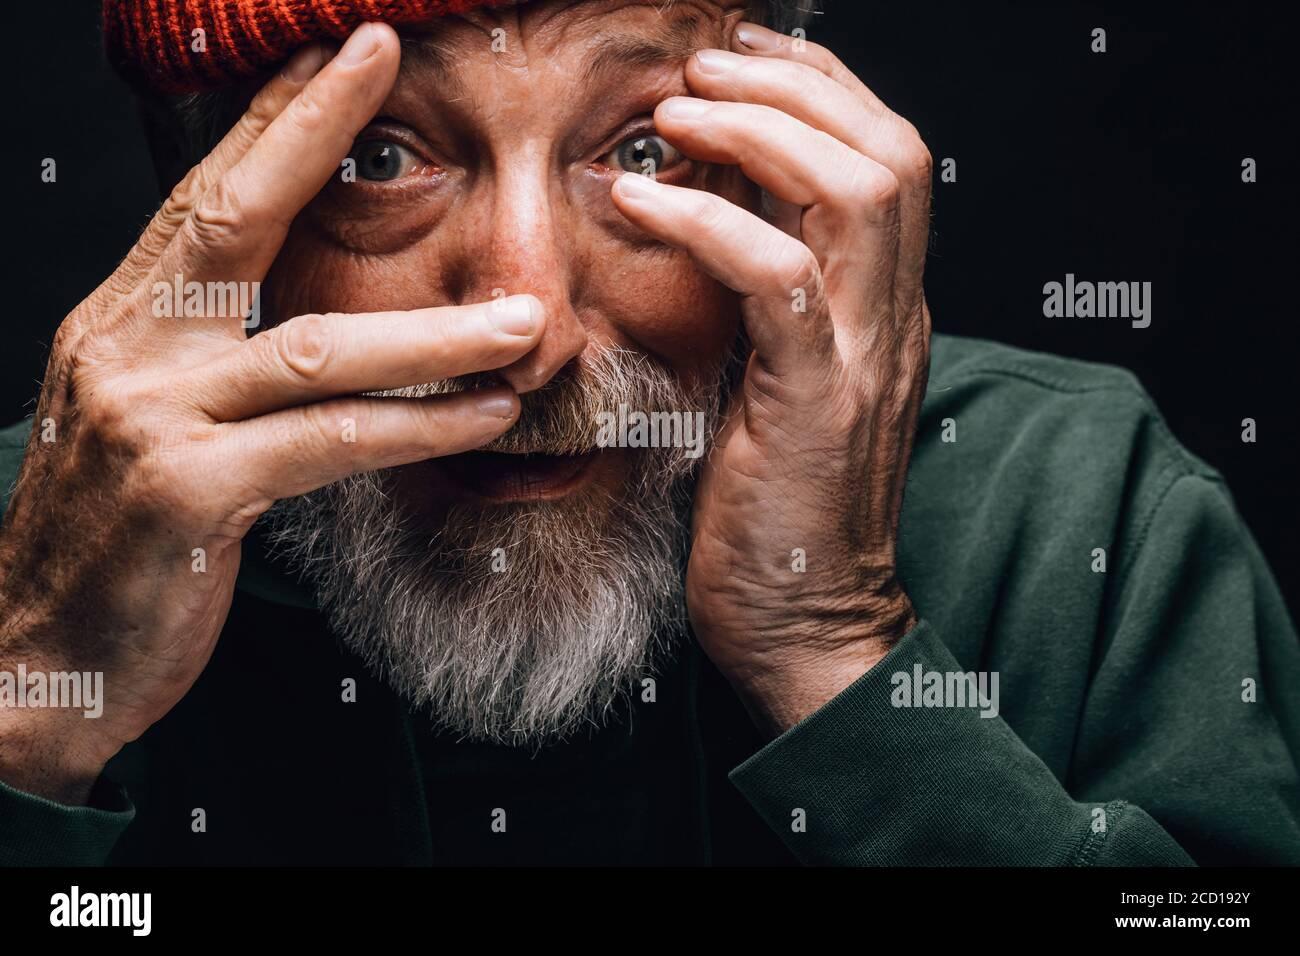 Un homme barbu âgé qui a l'air extrêmement surpris ou effrayé, protégeant son visage avec les mains, gros plan portrait du visage sur fond noir de studio. Banque D'Images